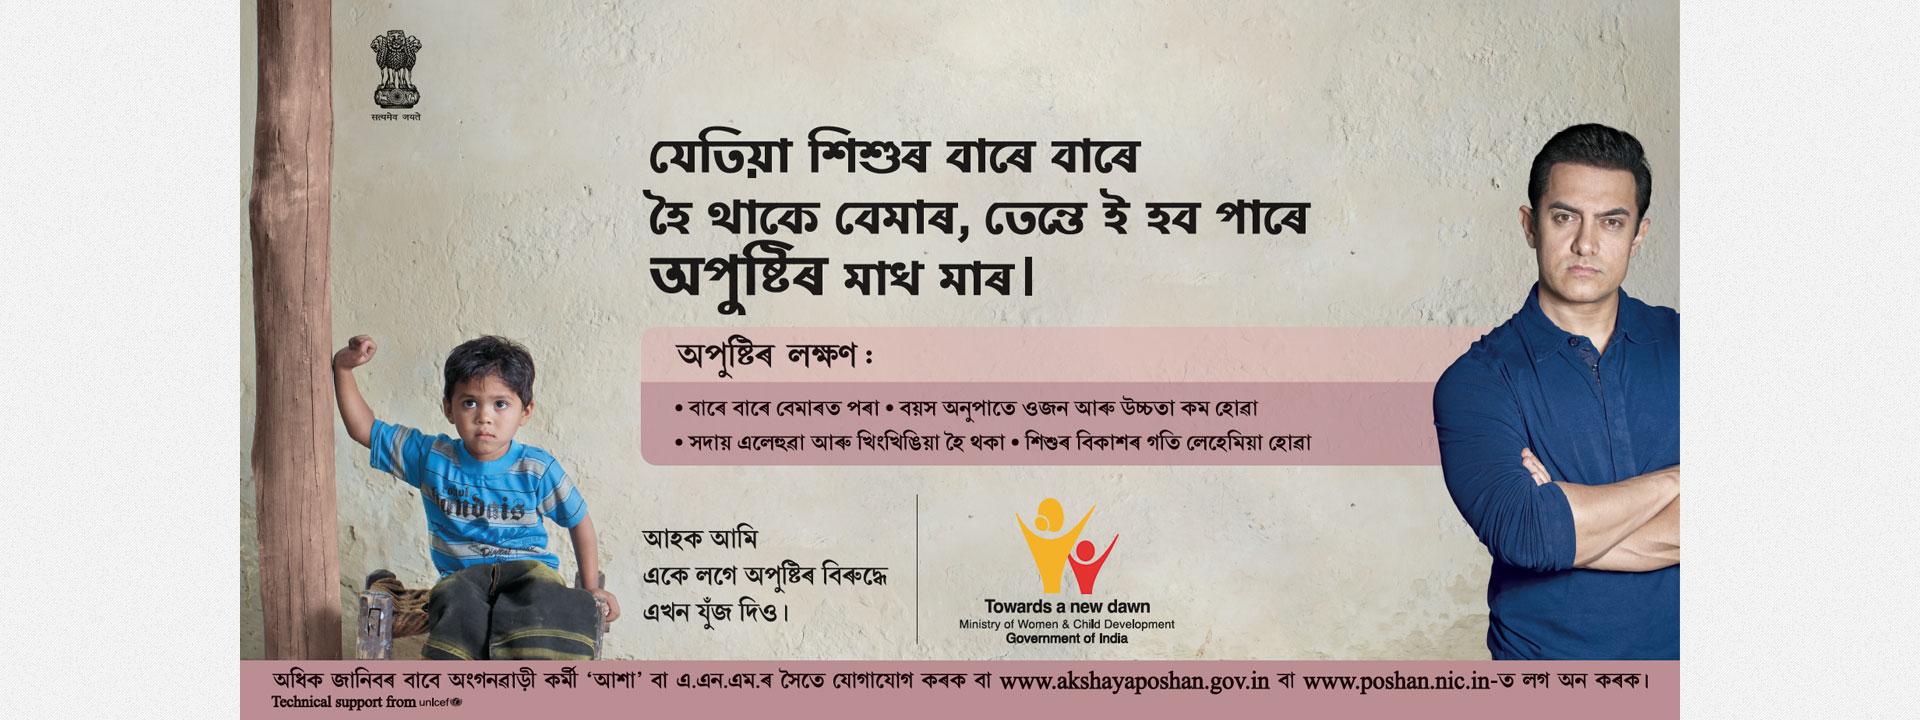 অসমীয়া - Ôxômiya - Assamese   Poshan   Nutrition, Food